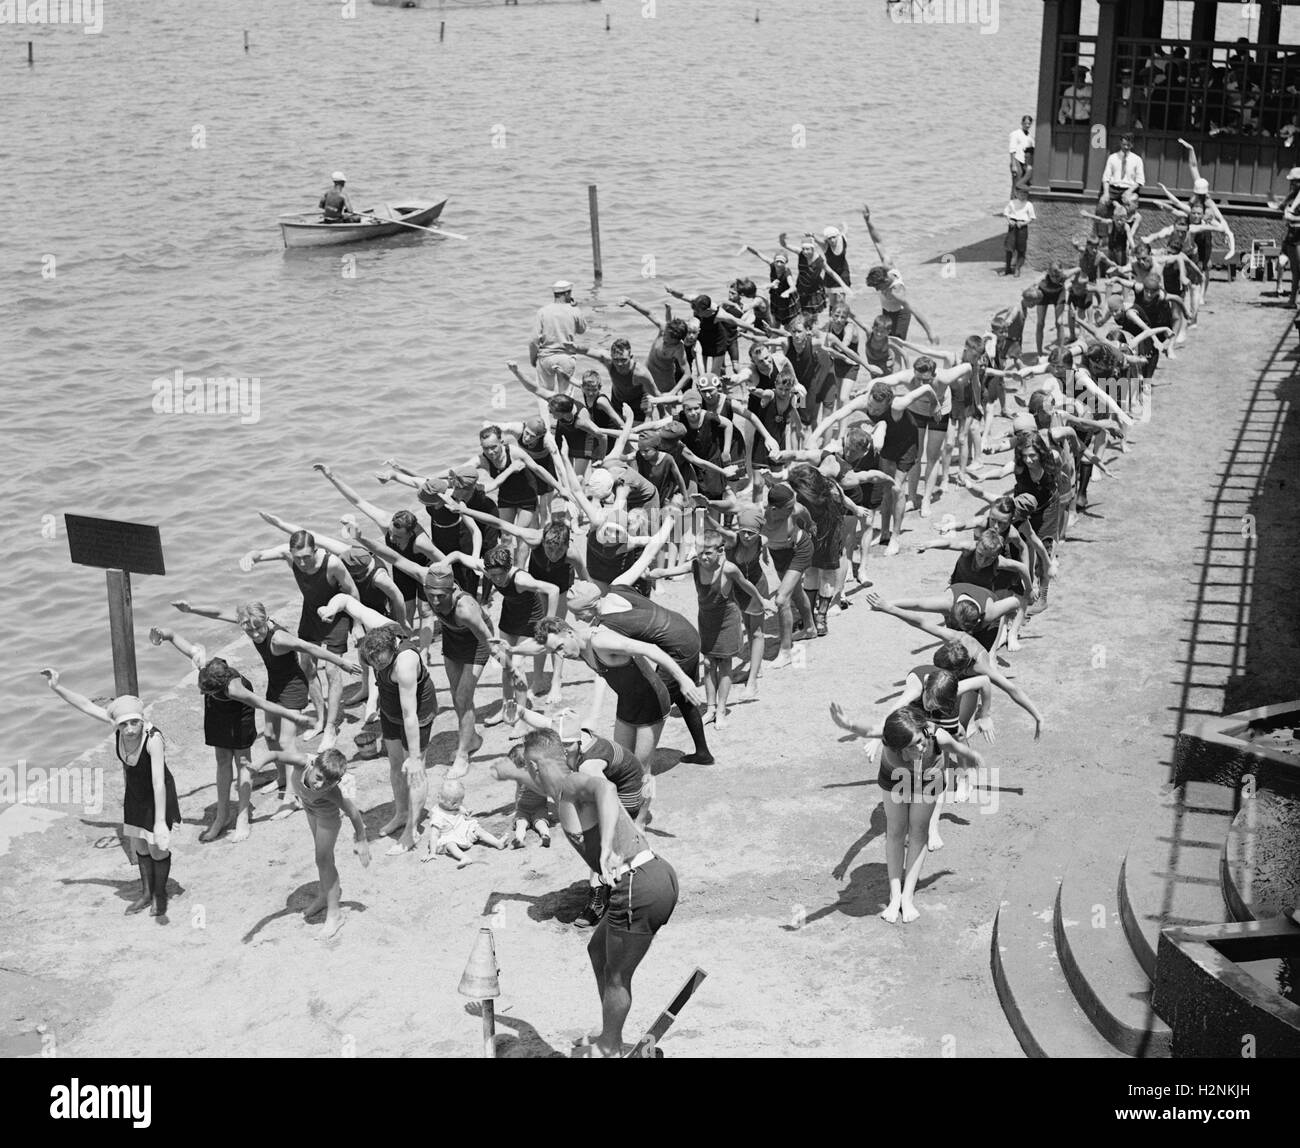 Las clases de natación en la playa para bañarse, Washington DC, EE.UU., National Photo Company, julio Imagen De Stock